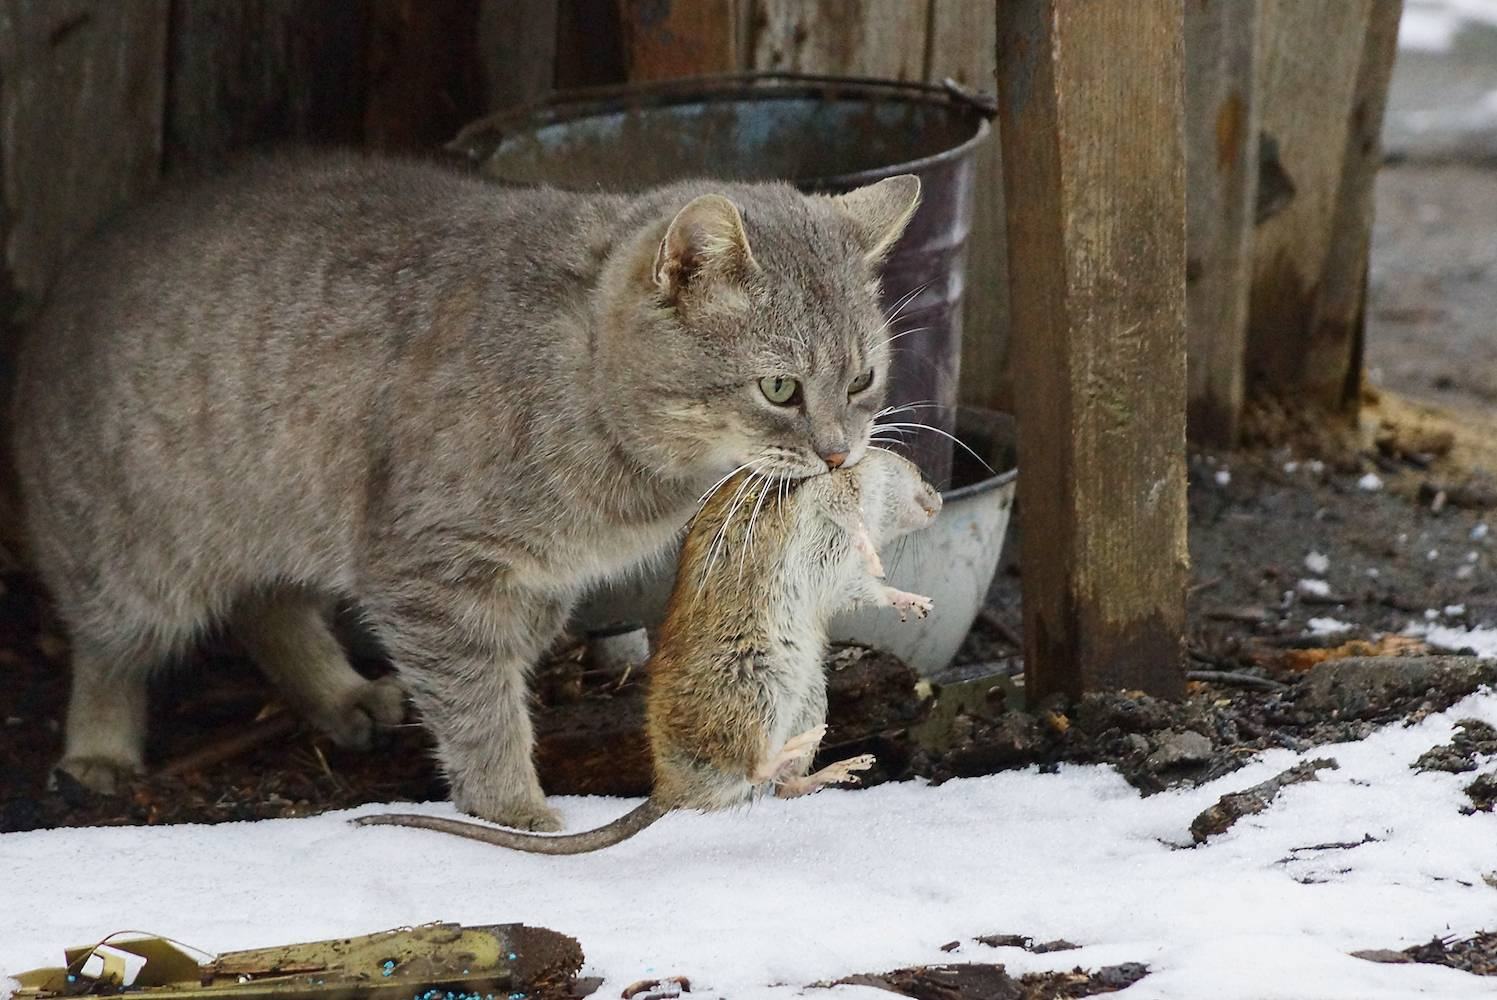 ᐉ кто лучше ловит мышей и крыс: кот или кошка, какая порода, кого лучше завести - kcc-zoo.ru